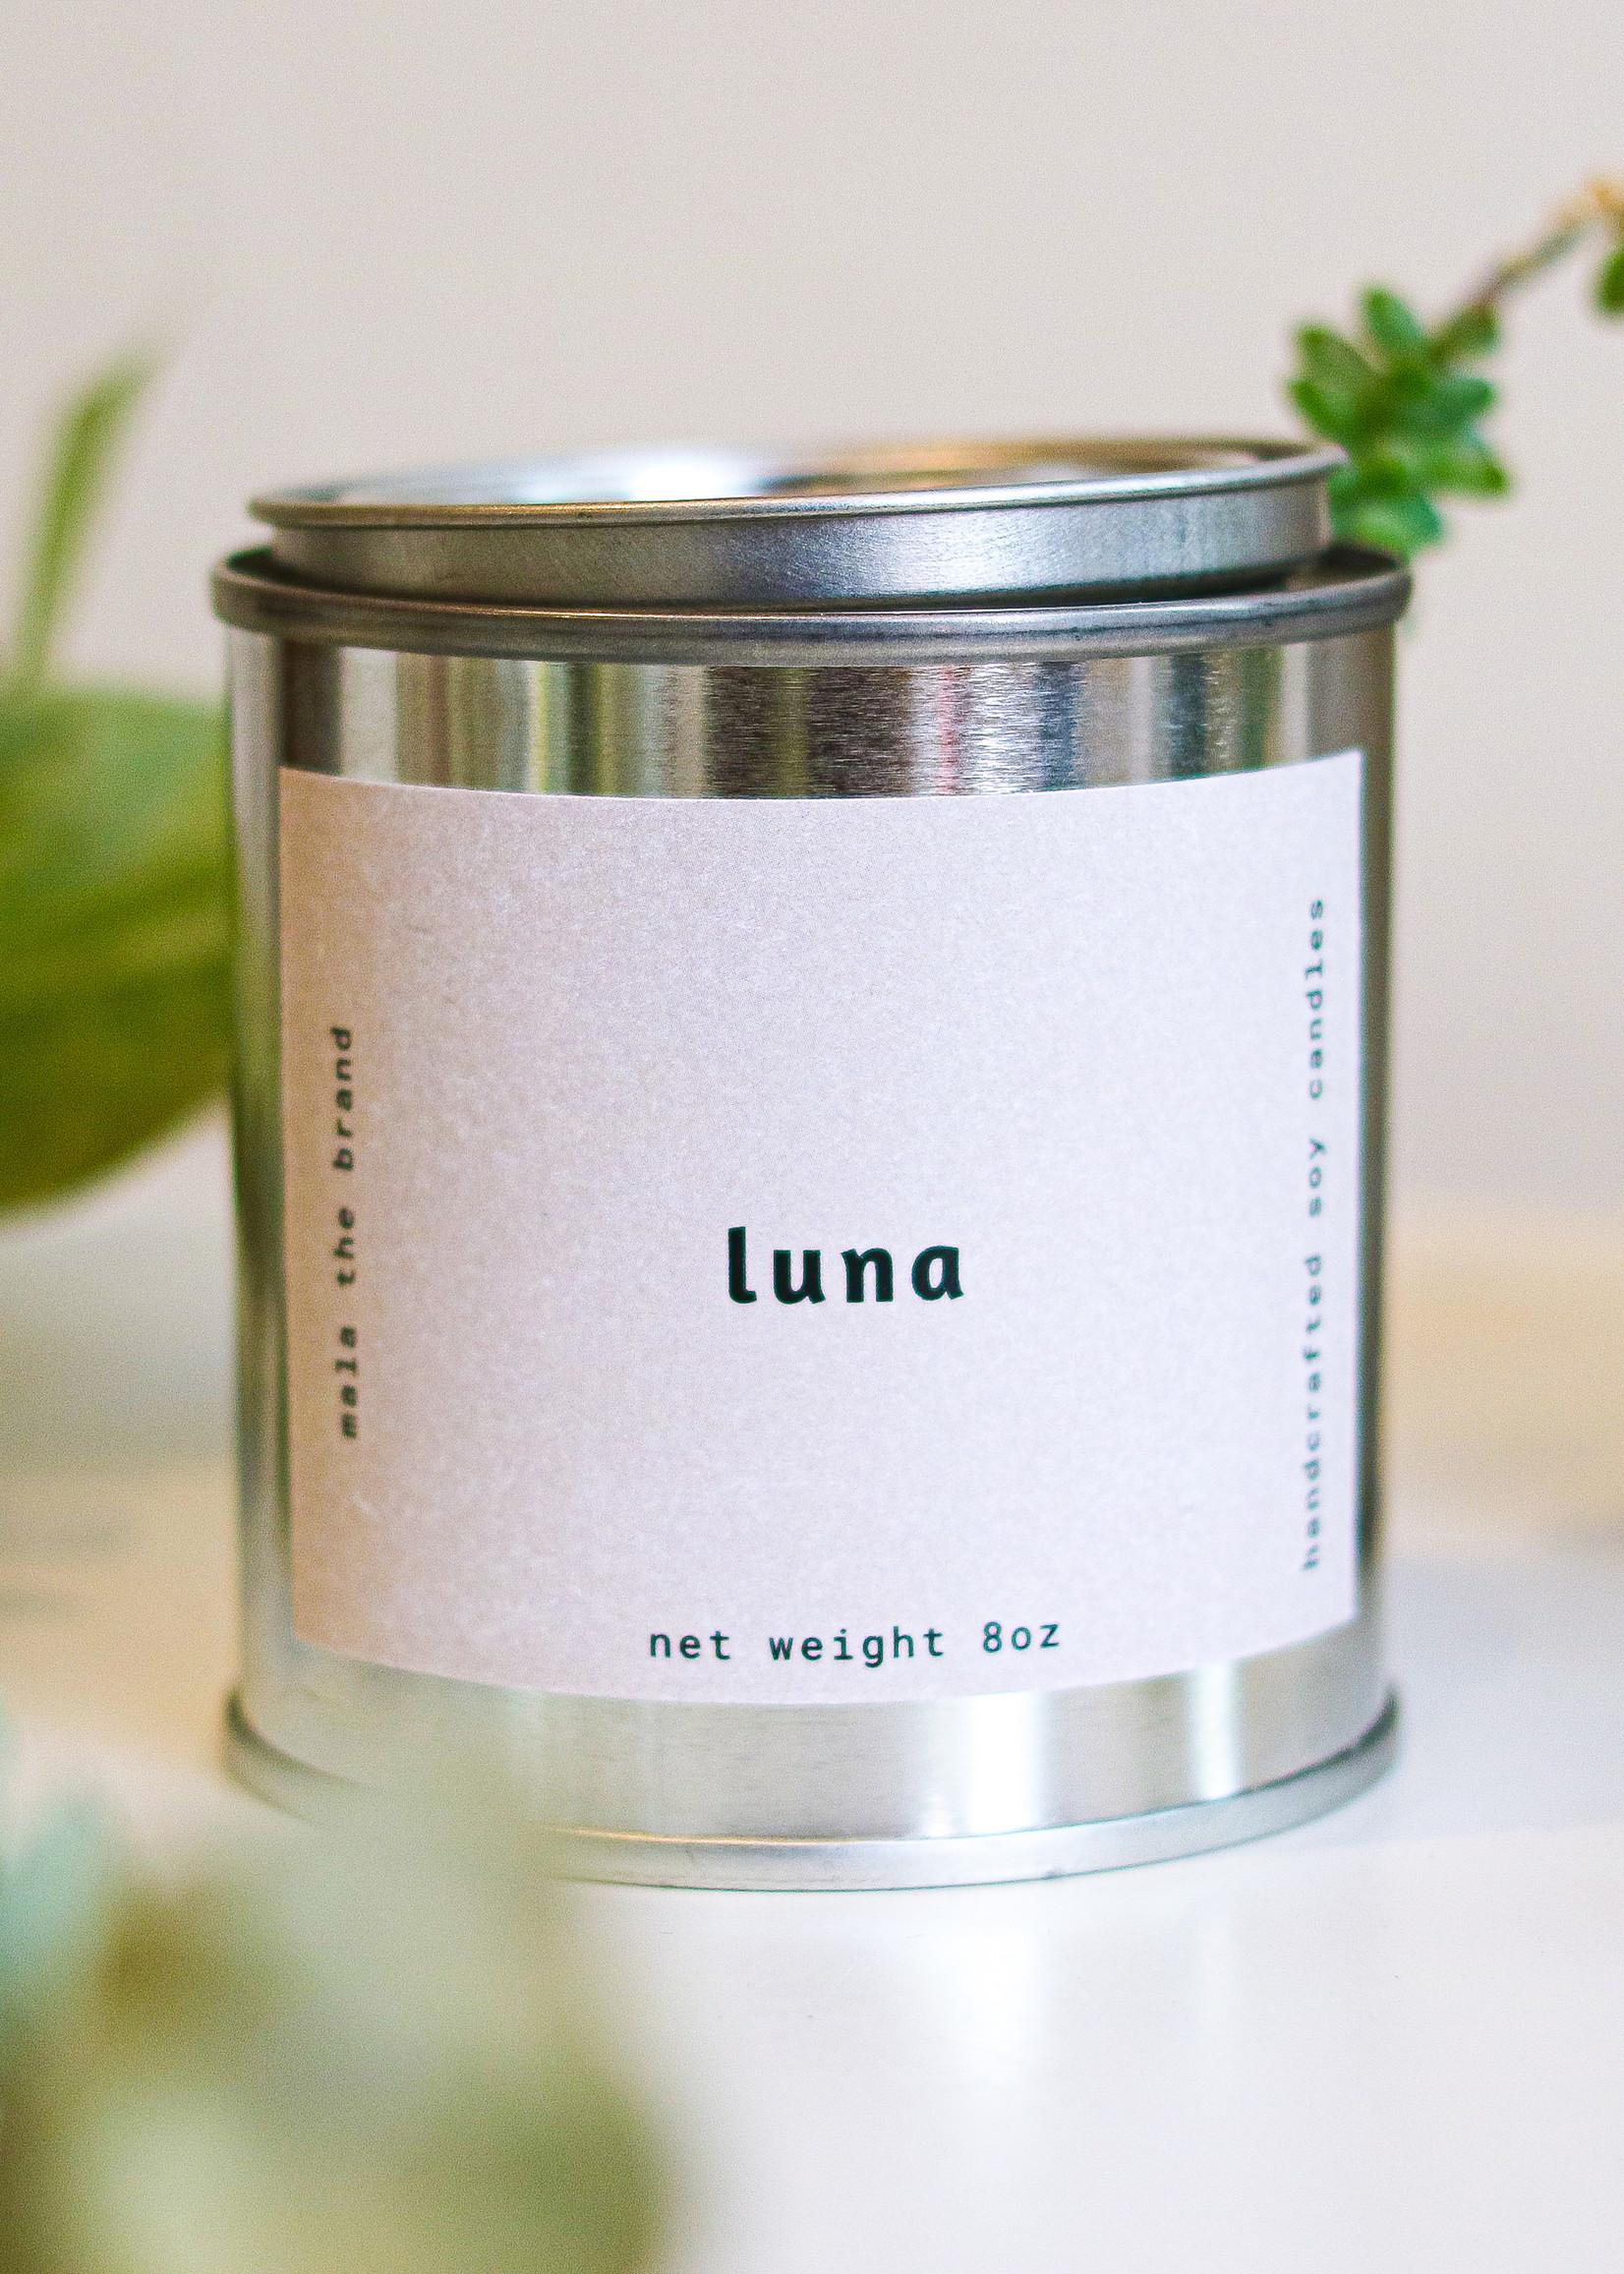 Mala Brand  Mala - Luna Candle